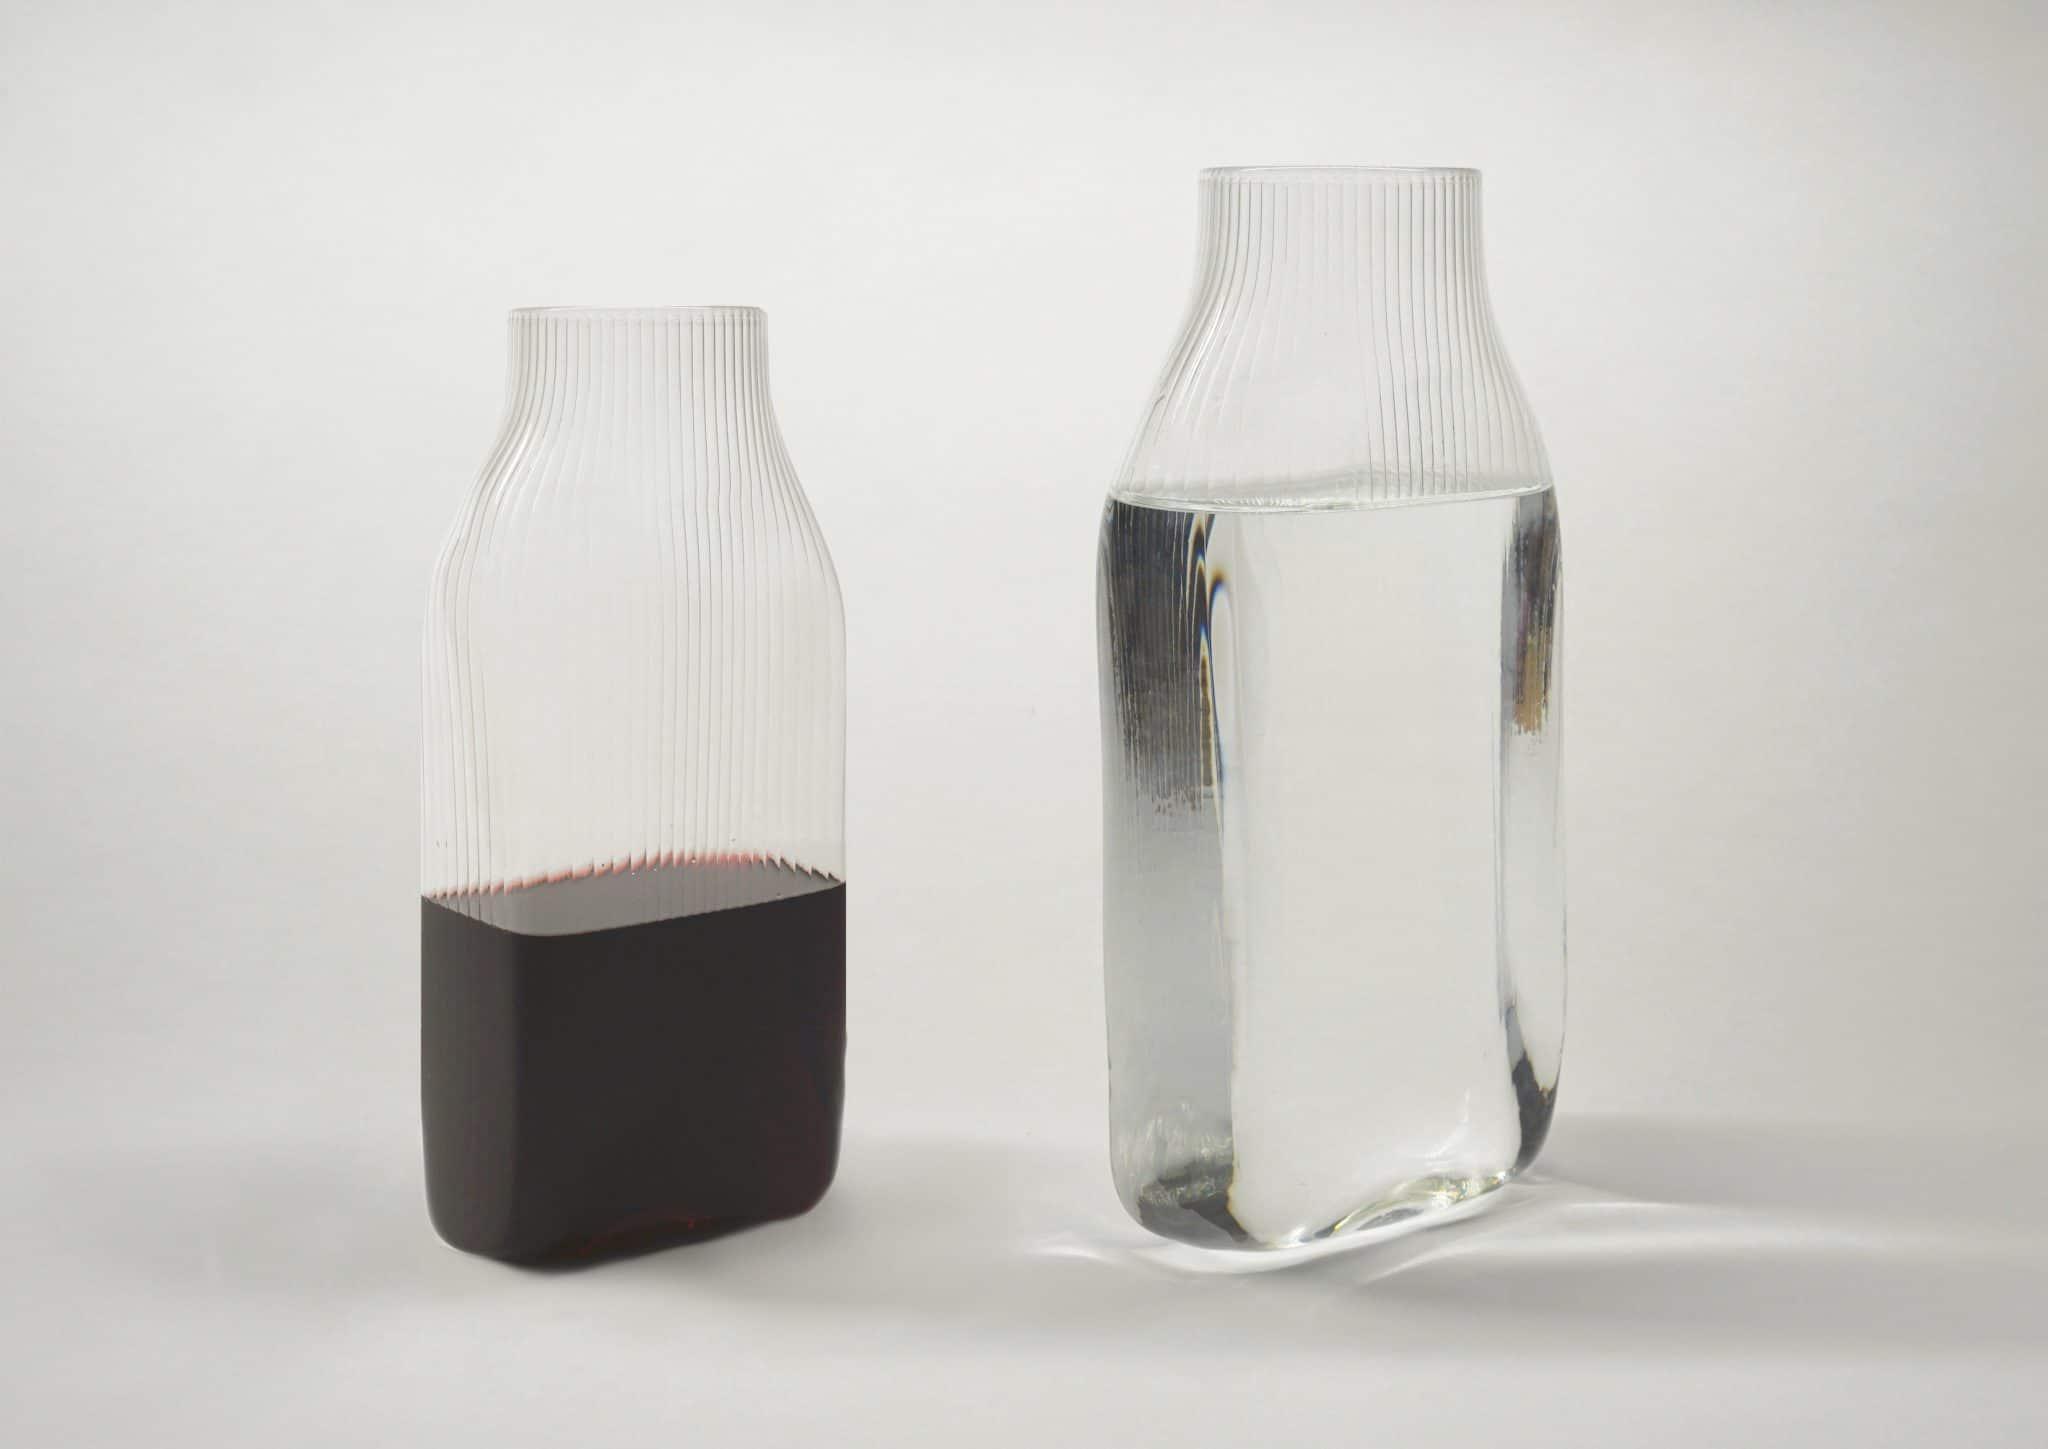 con vino e acqua prospettiva